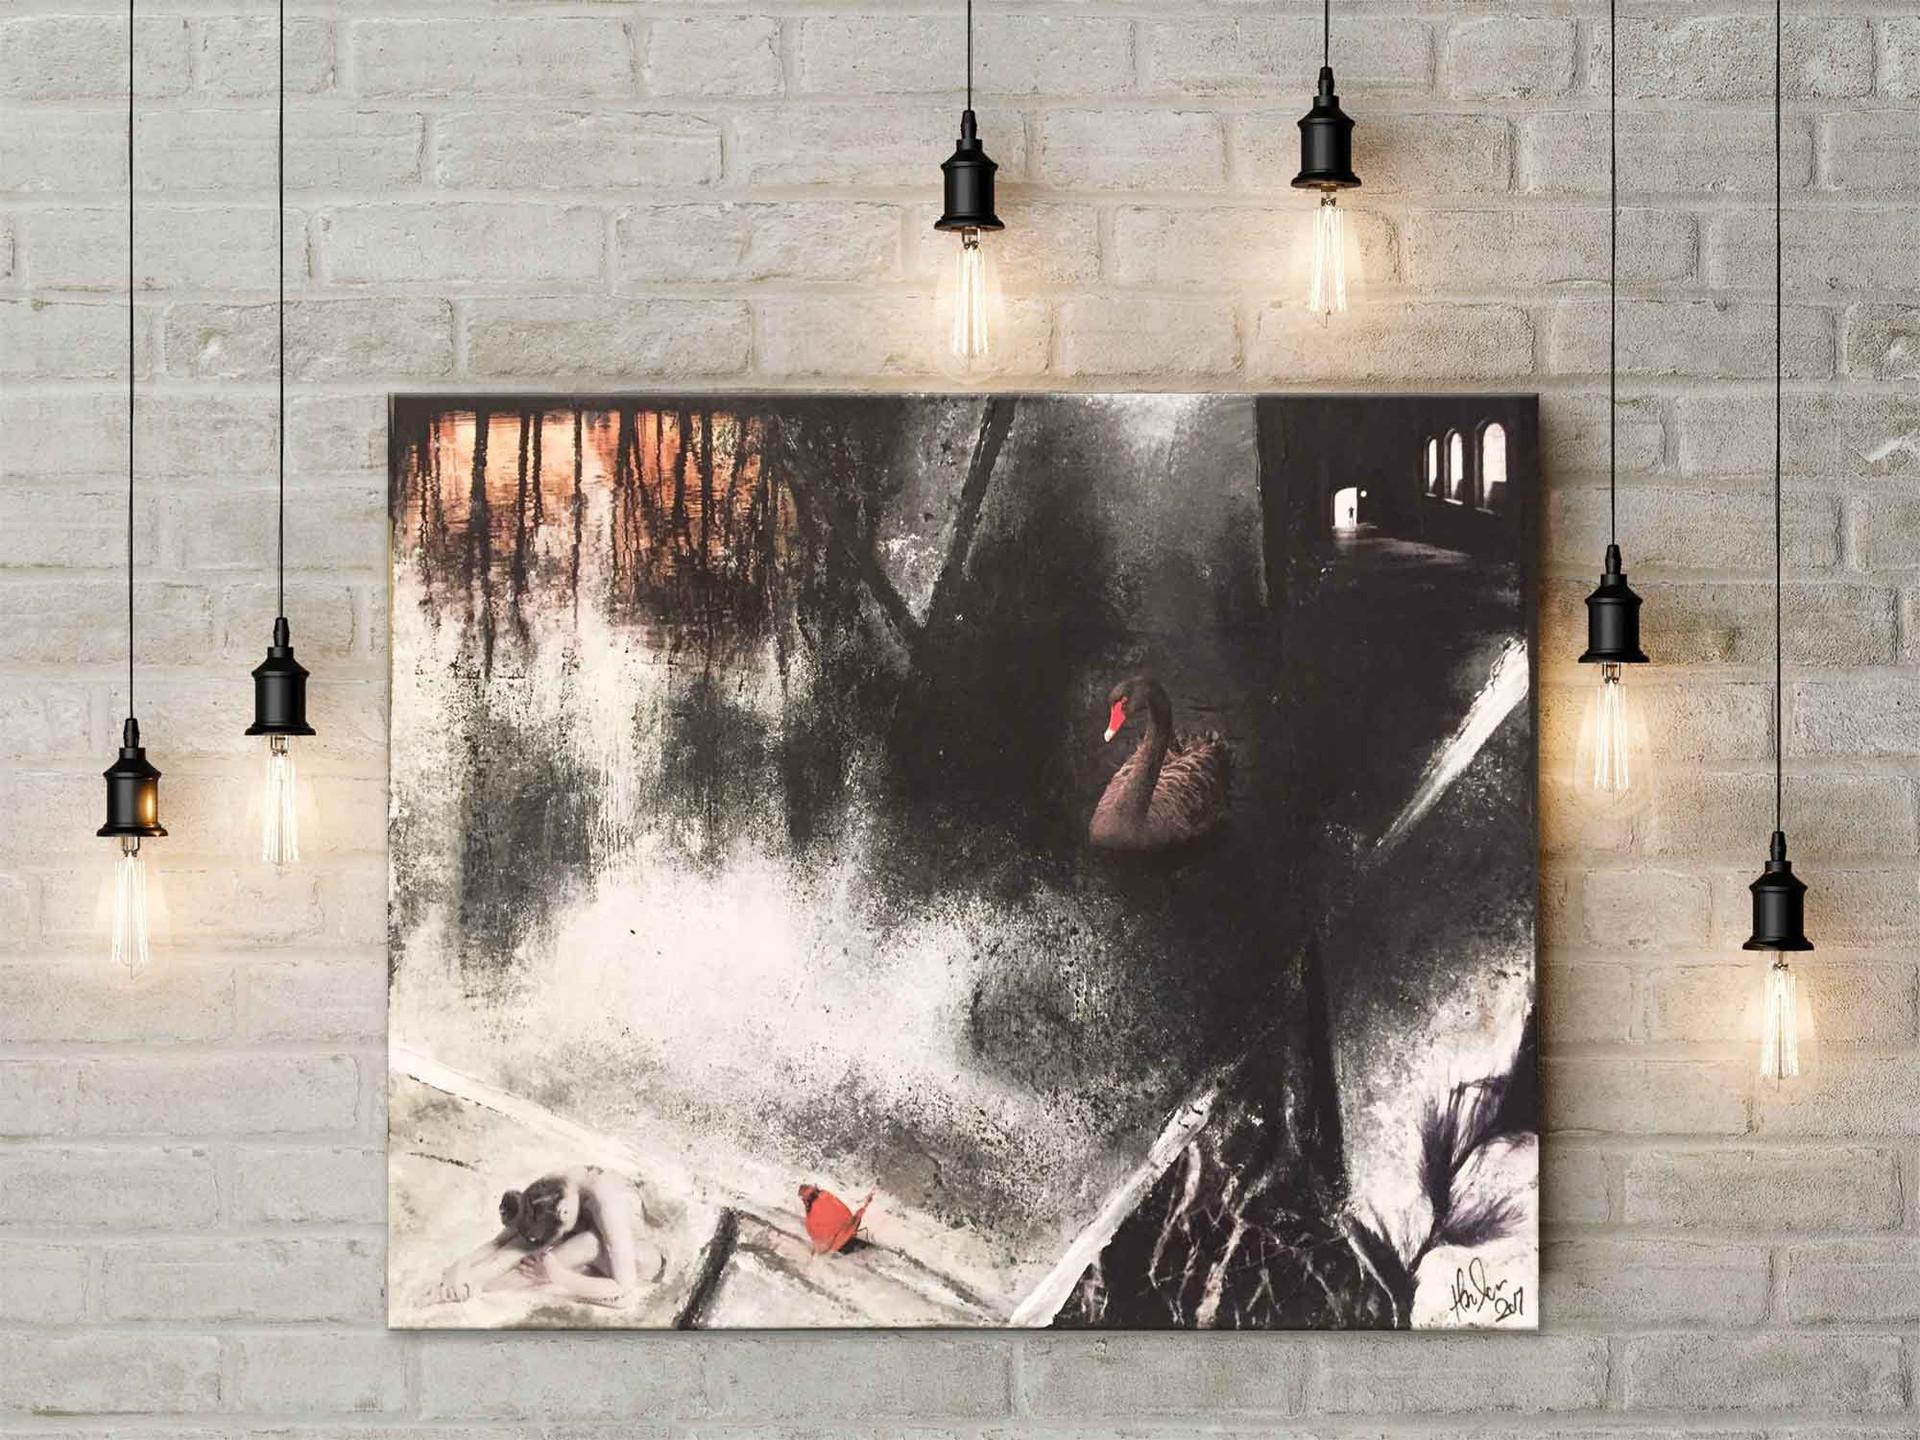 BlackLake_60x50cm_in_room_web.jpg